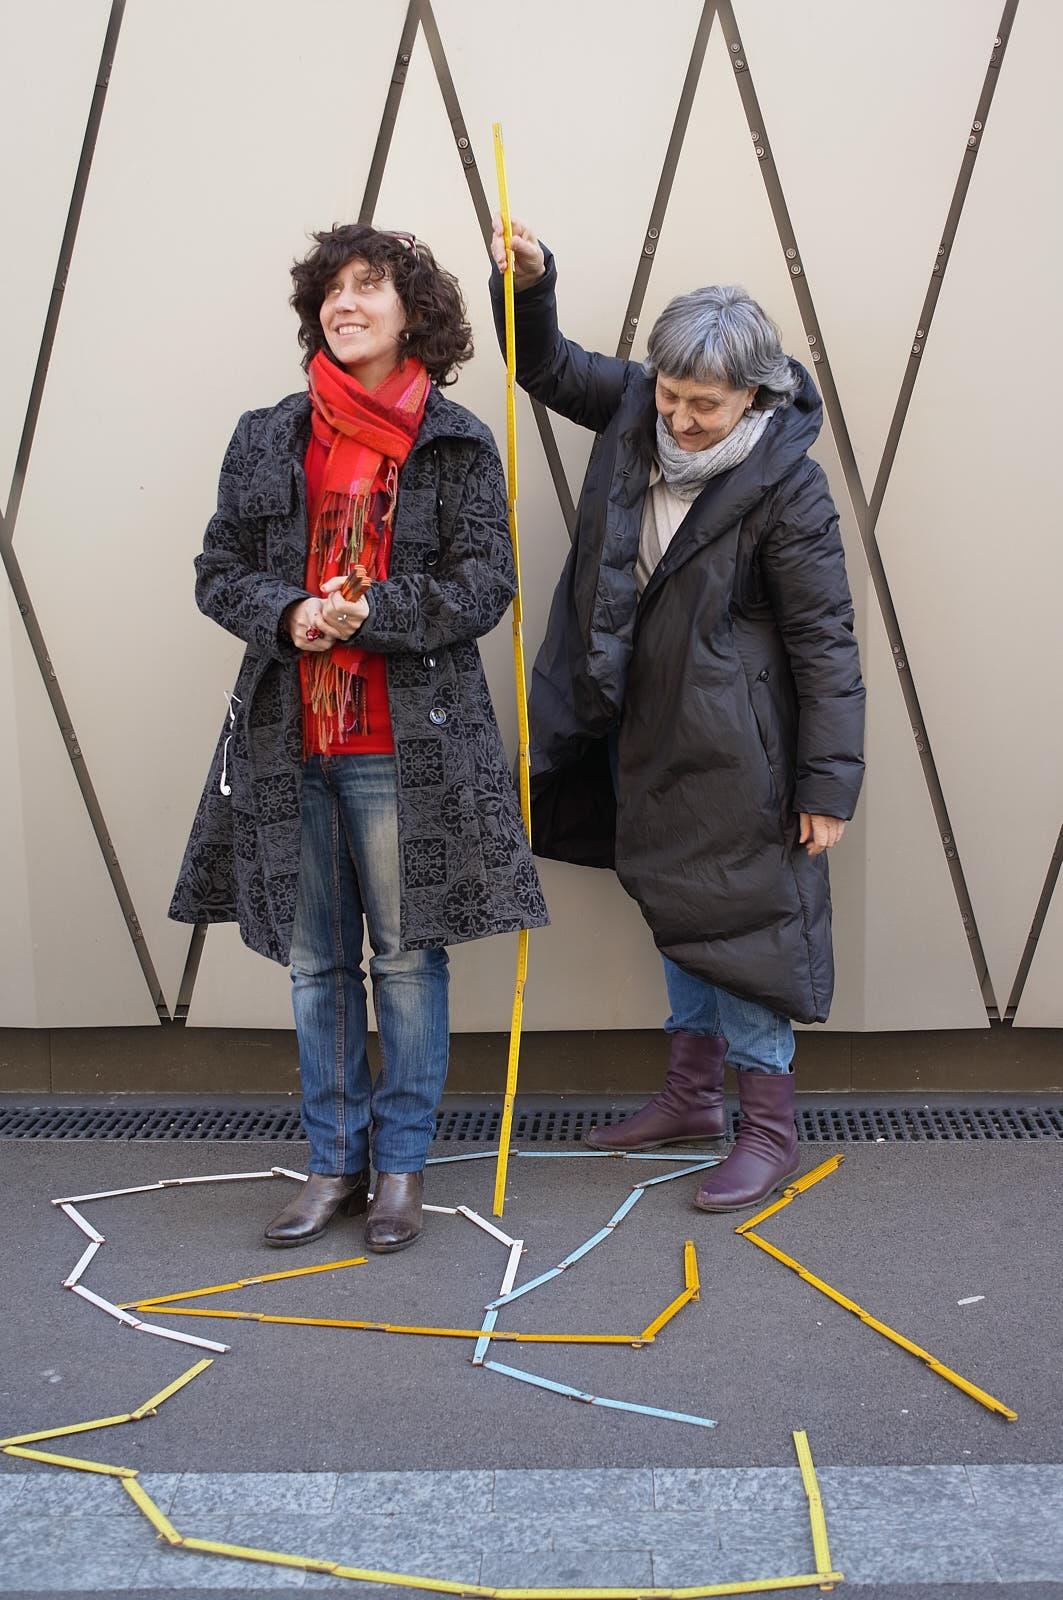 Catherine Froidevaux (à droite) initiatrice, conceptrice, formatrice, animatrice et Carole-lyne Klay conceptrice, formatrice, animatrice, coordinatrice et chargée de communication du projet «Tu m'as vu?»